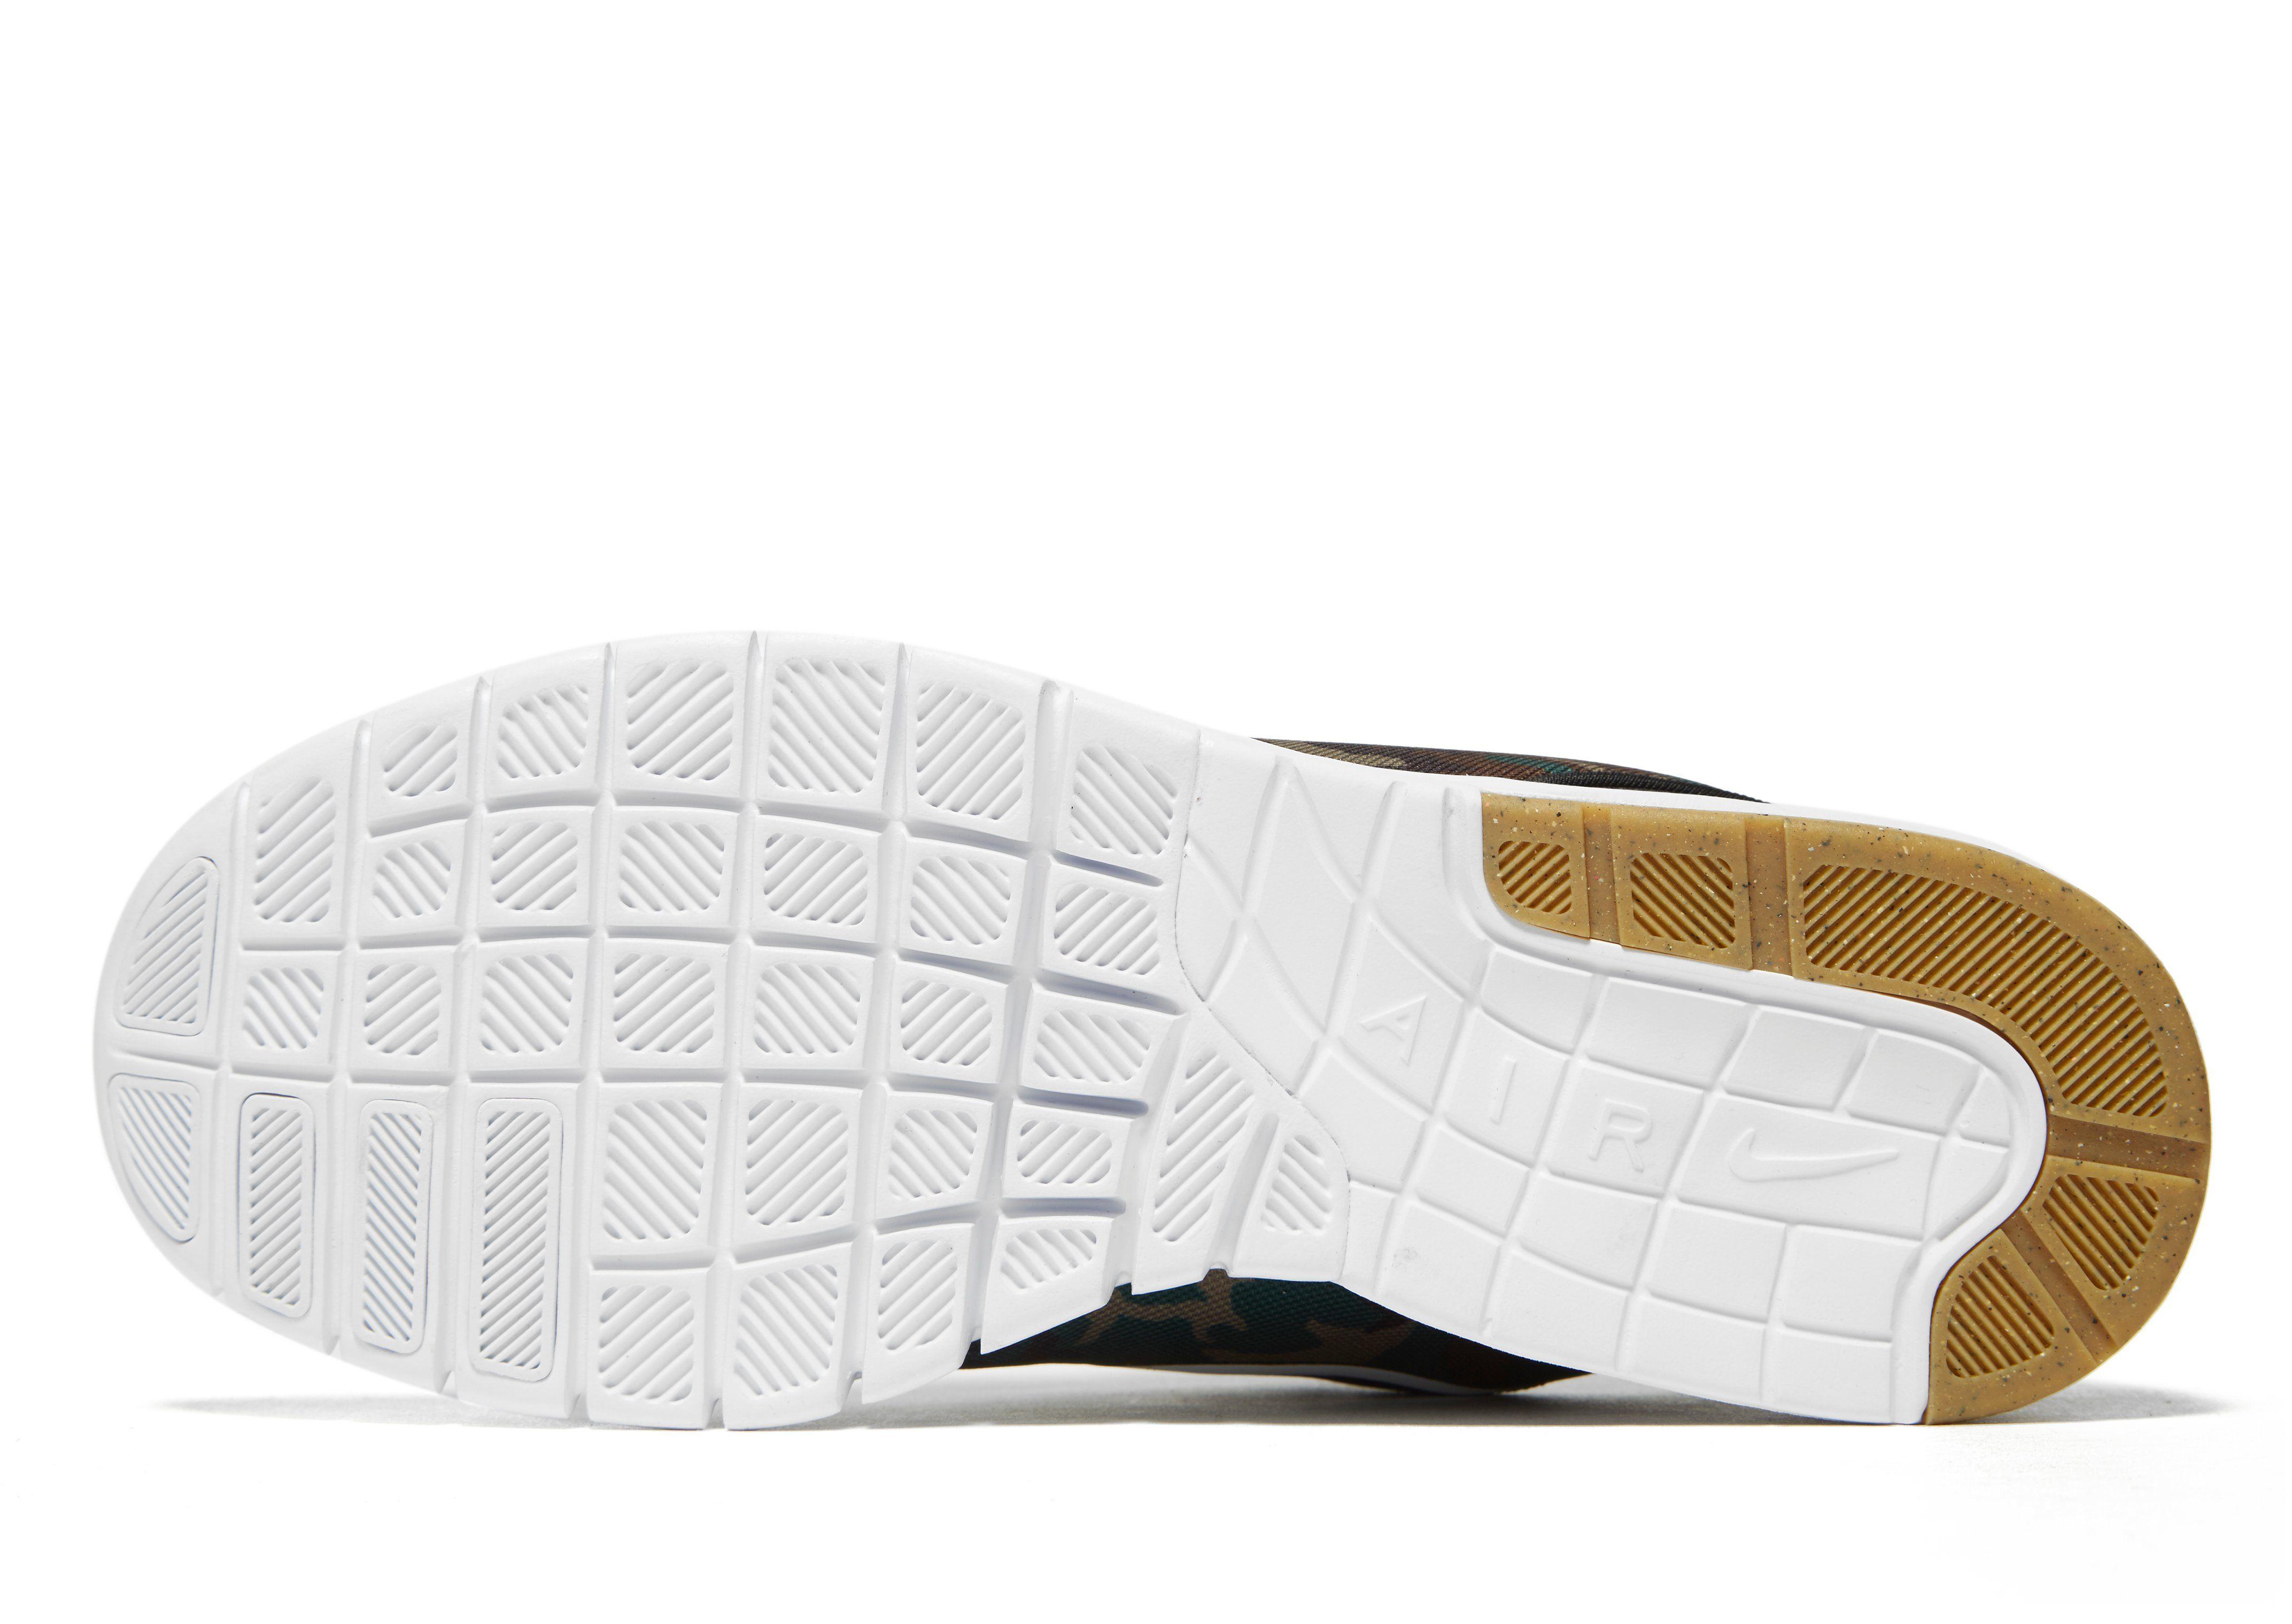 Nicekicks Nike SB Stefan Janoski Max Schwarz-Tarnfarbe Schwarz Kostengünstig Billig Exklusiv Spielraum Niedrigen Preis Versandgebühr Billig Verkaufen Billigsten h7mmfBsym